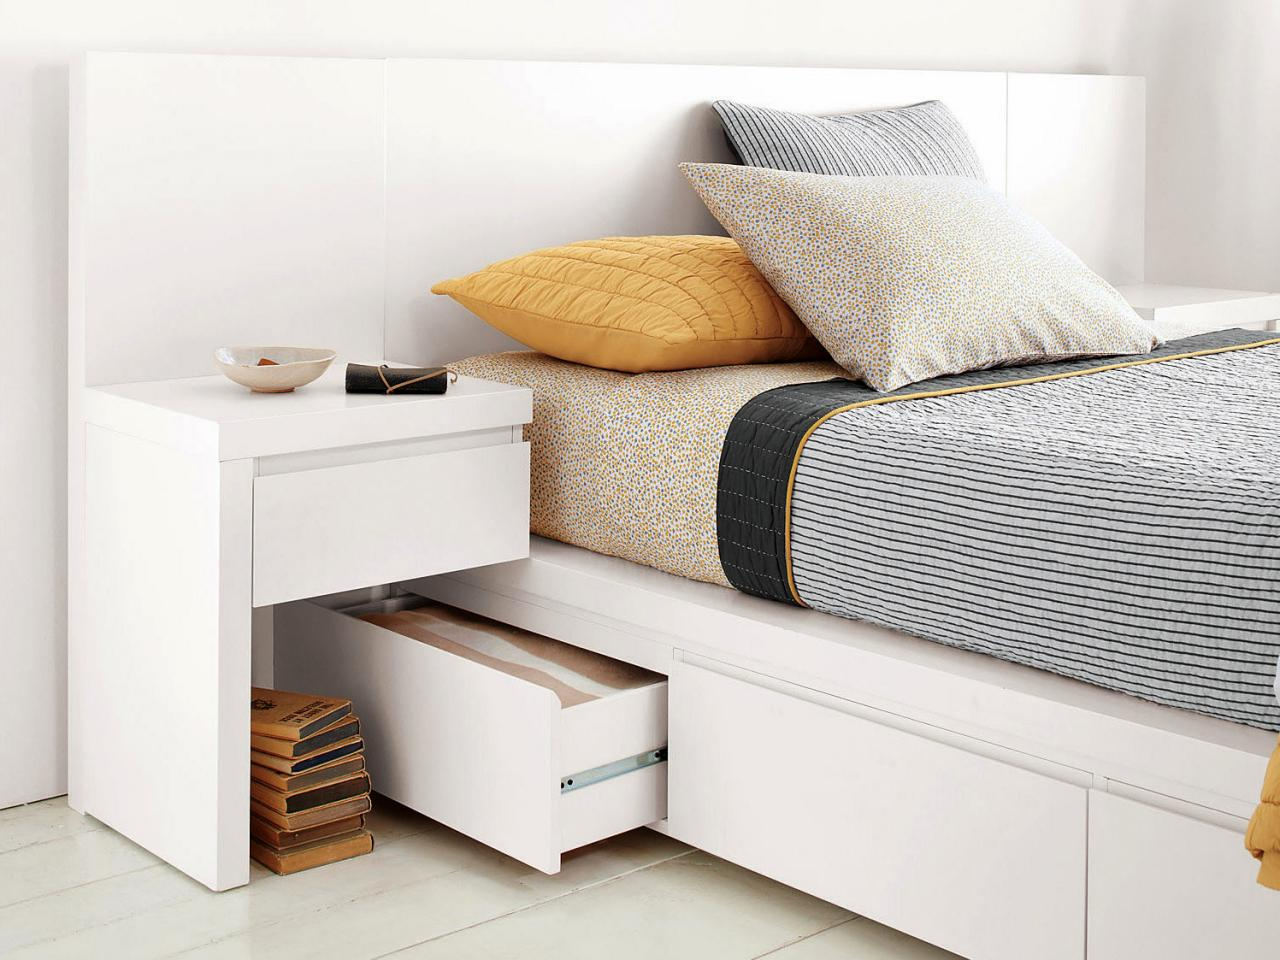 Rezultate imazhesh për secret space furniture